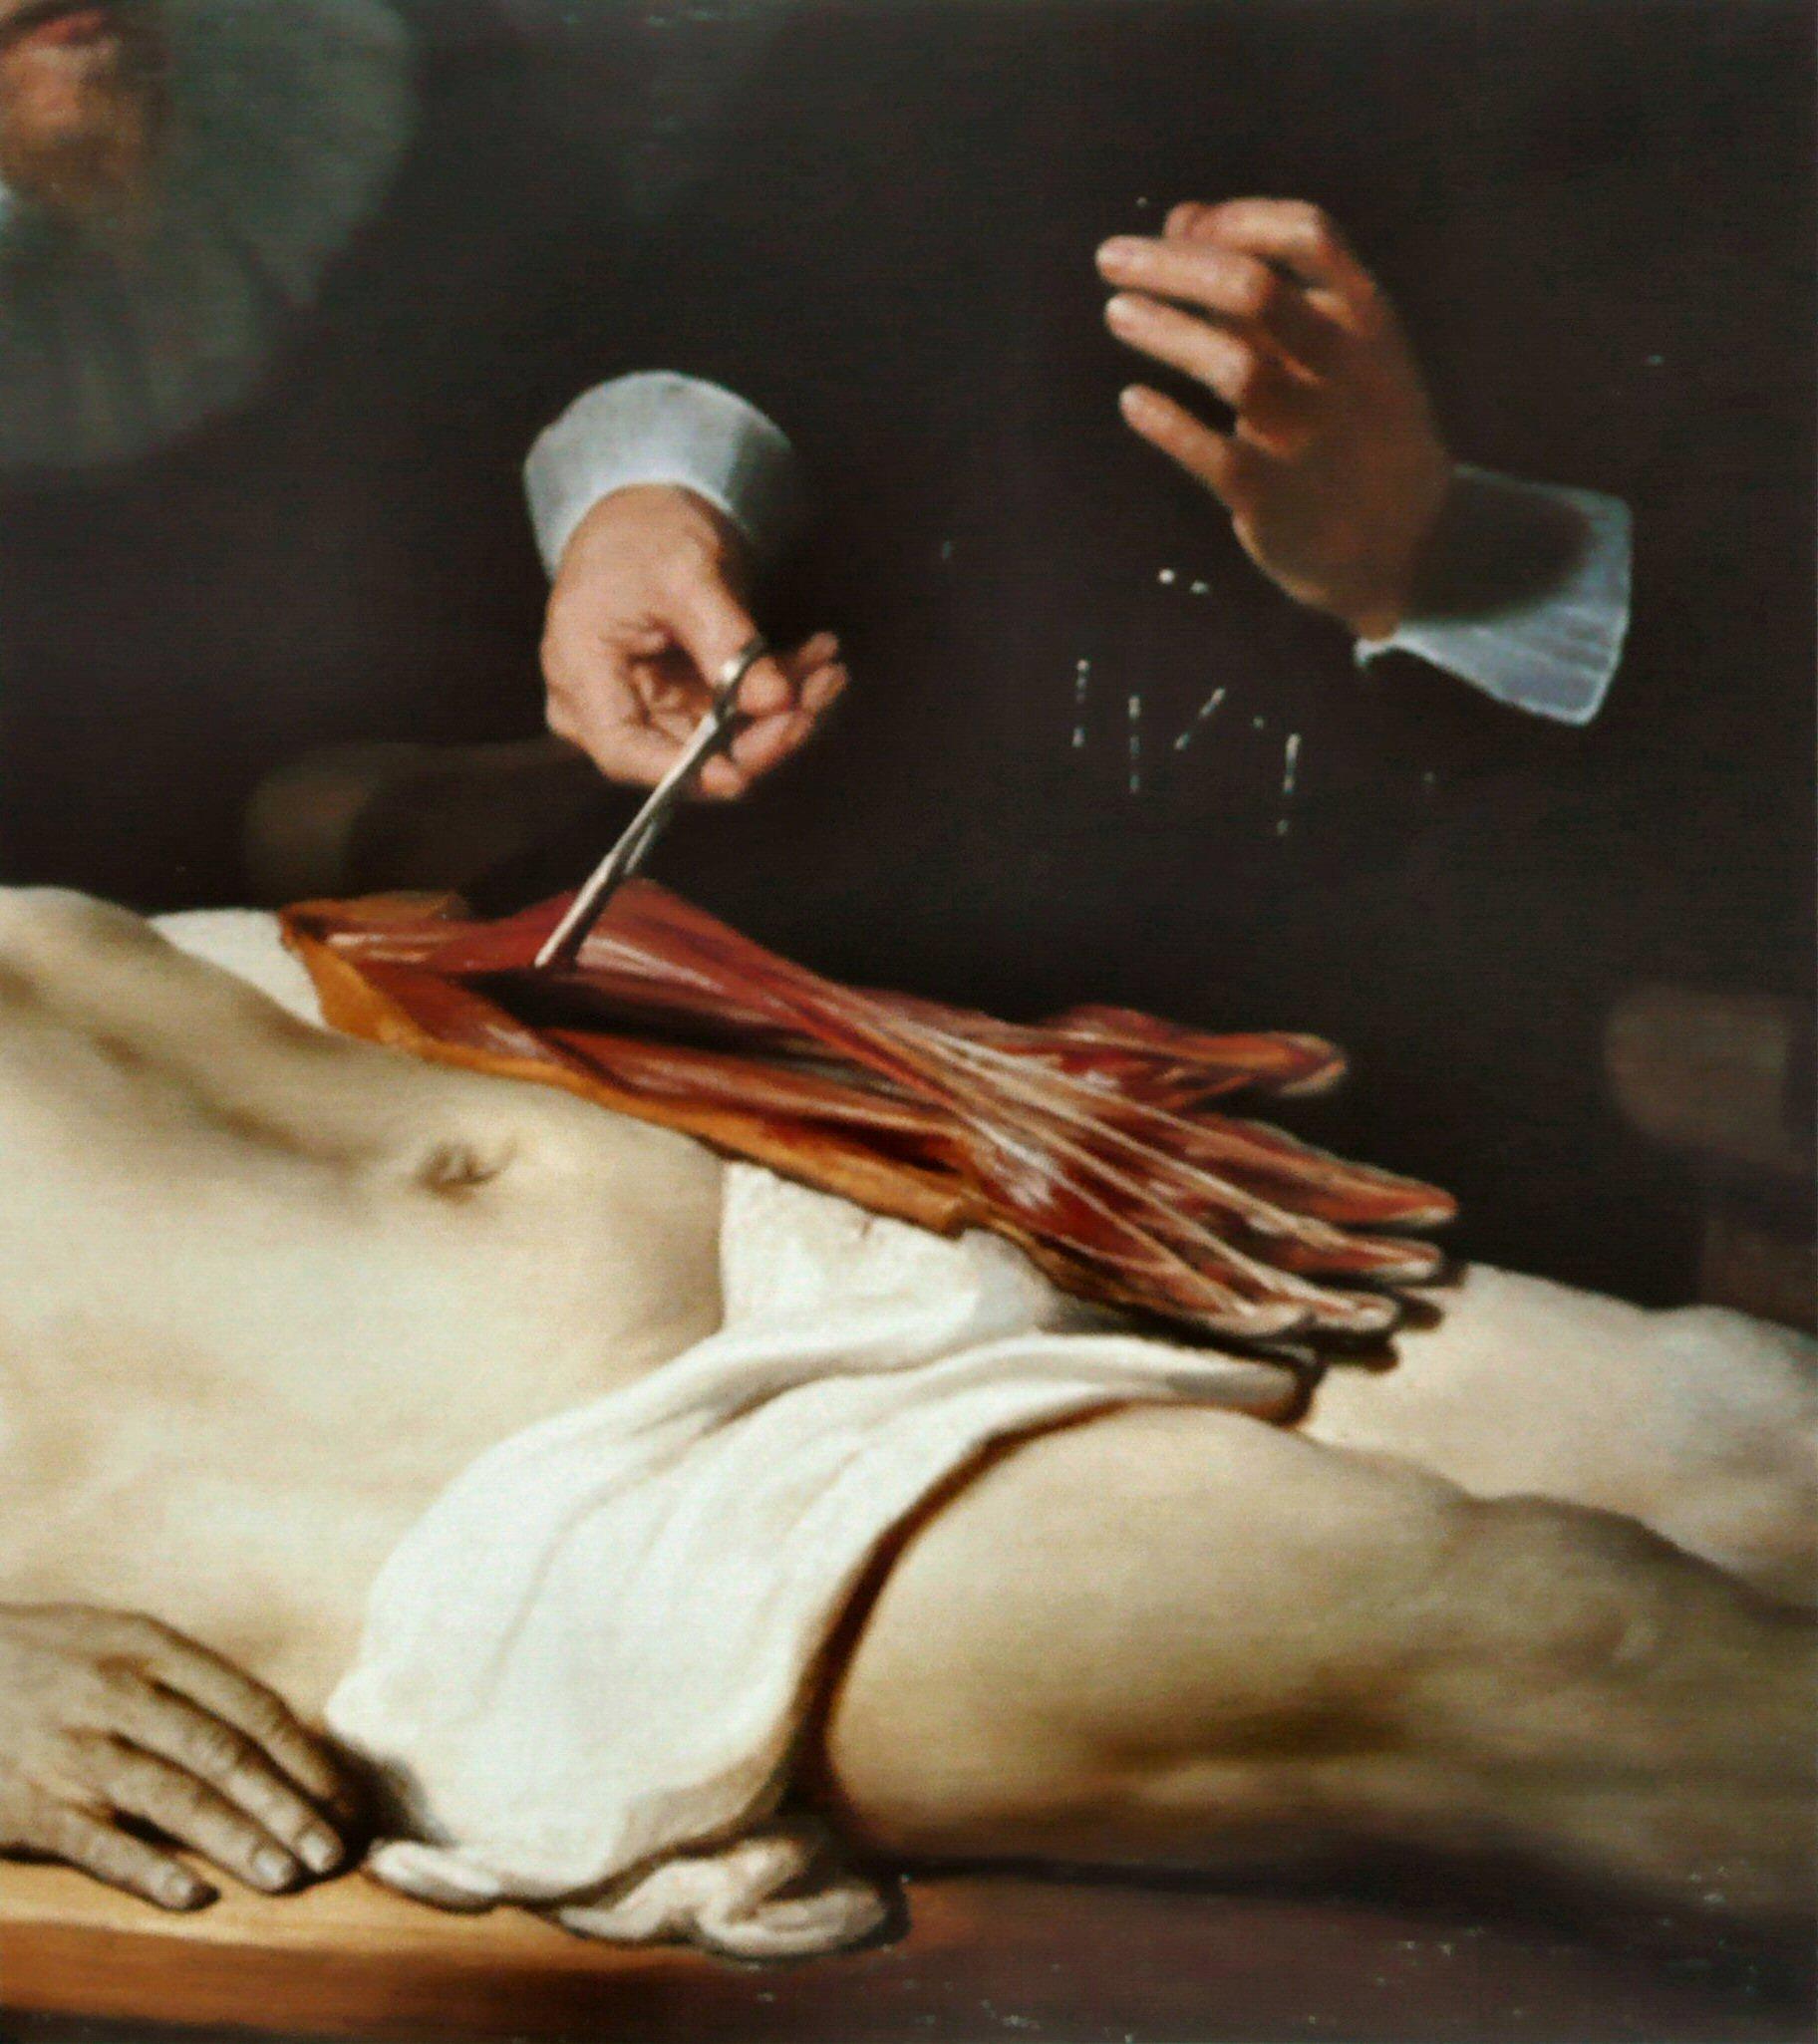 Lección de anatomía del doctor Nicolaes Tulp – Tuitearte